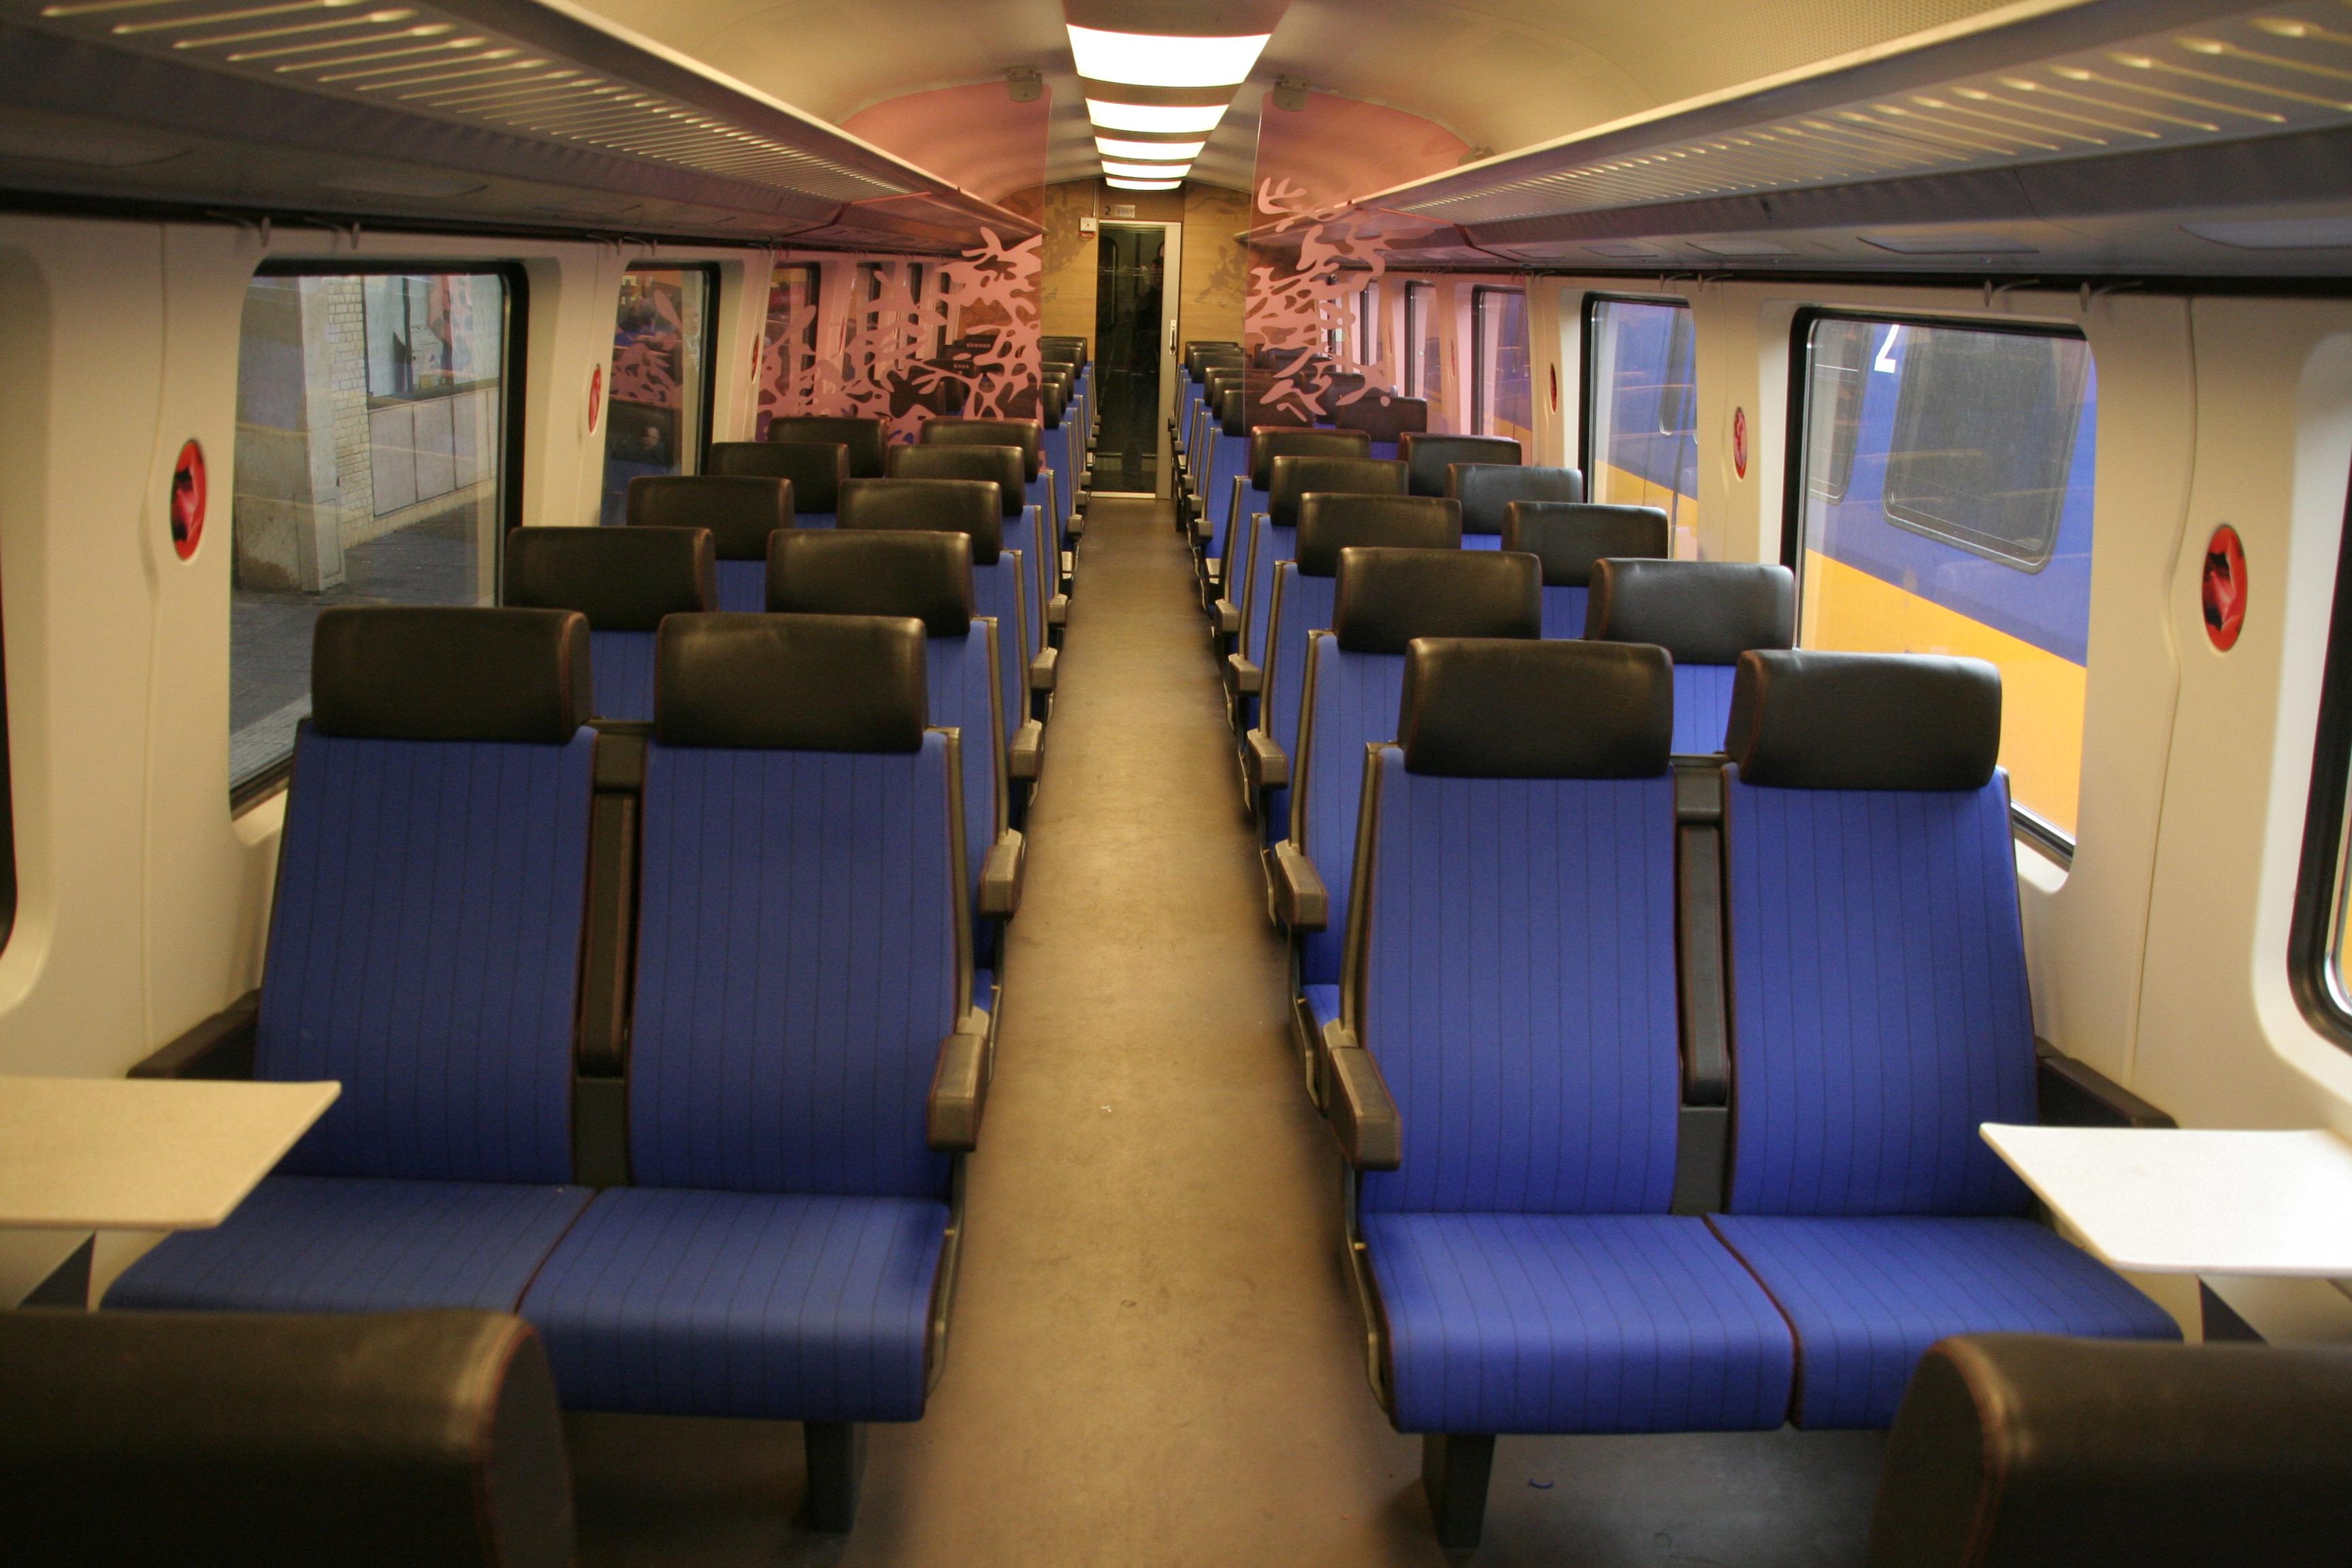 File:Interieur 2e klasse ICMm.JPG - Wikimedia Commons